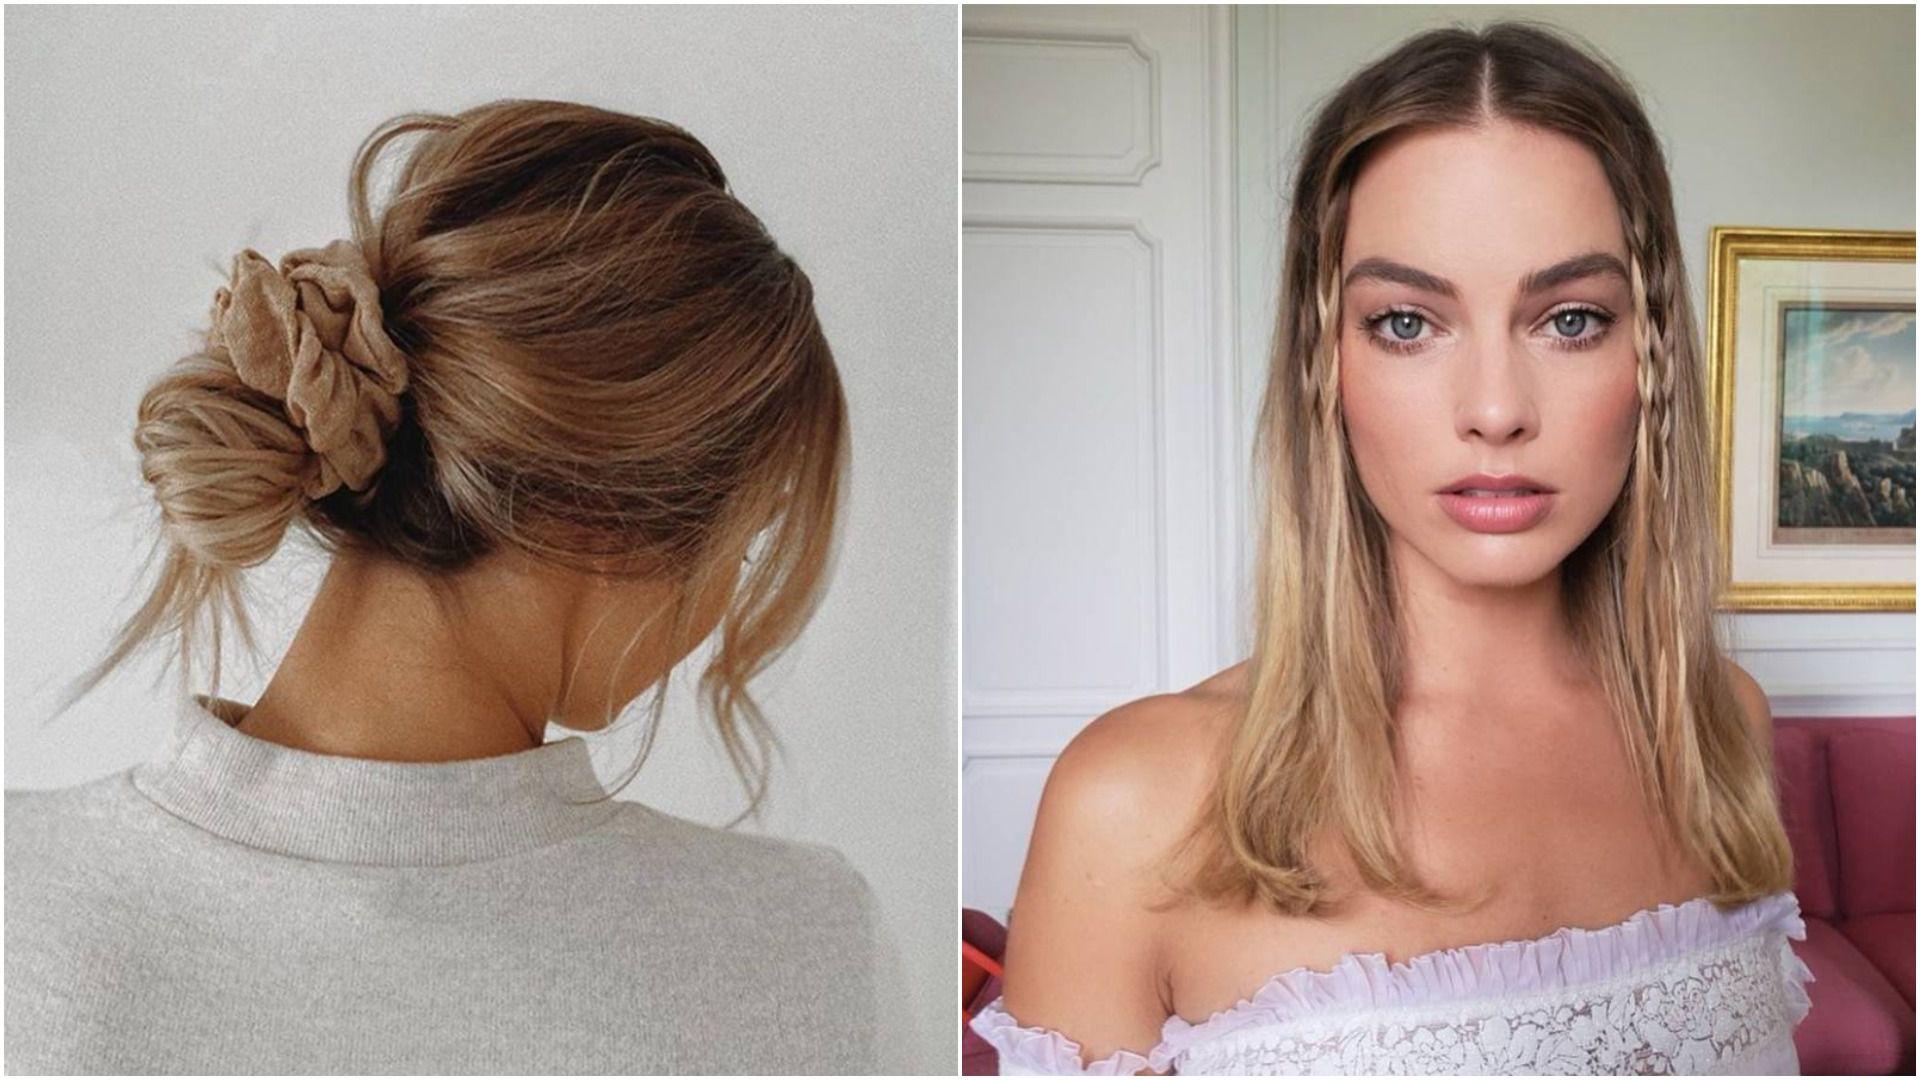 Ležerne frizure koje možete nositi ove jeseni: Gotove su za par minuta, a imaju wow efekt